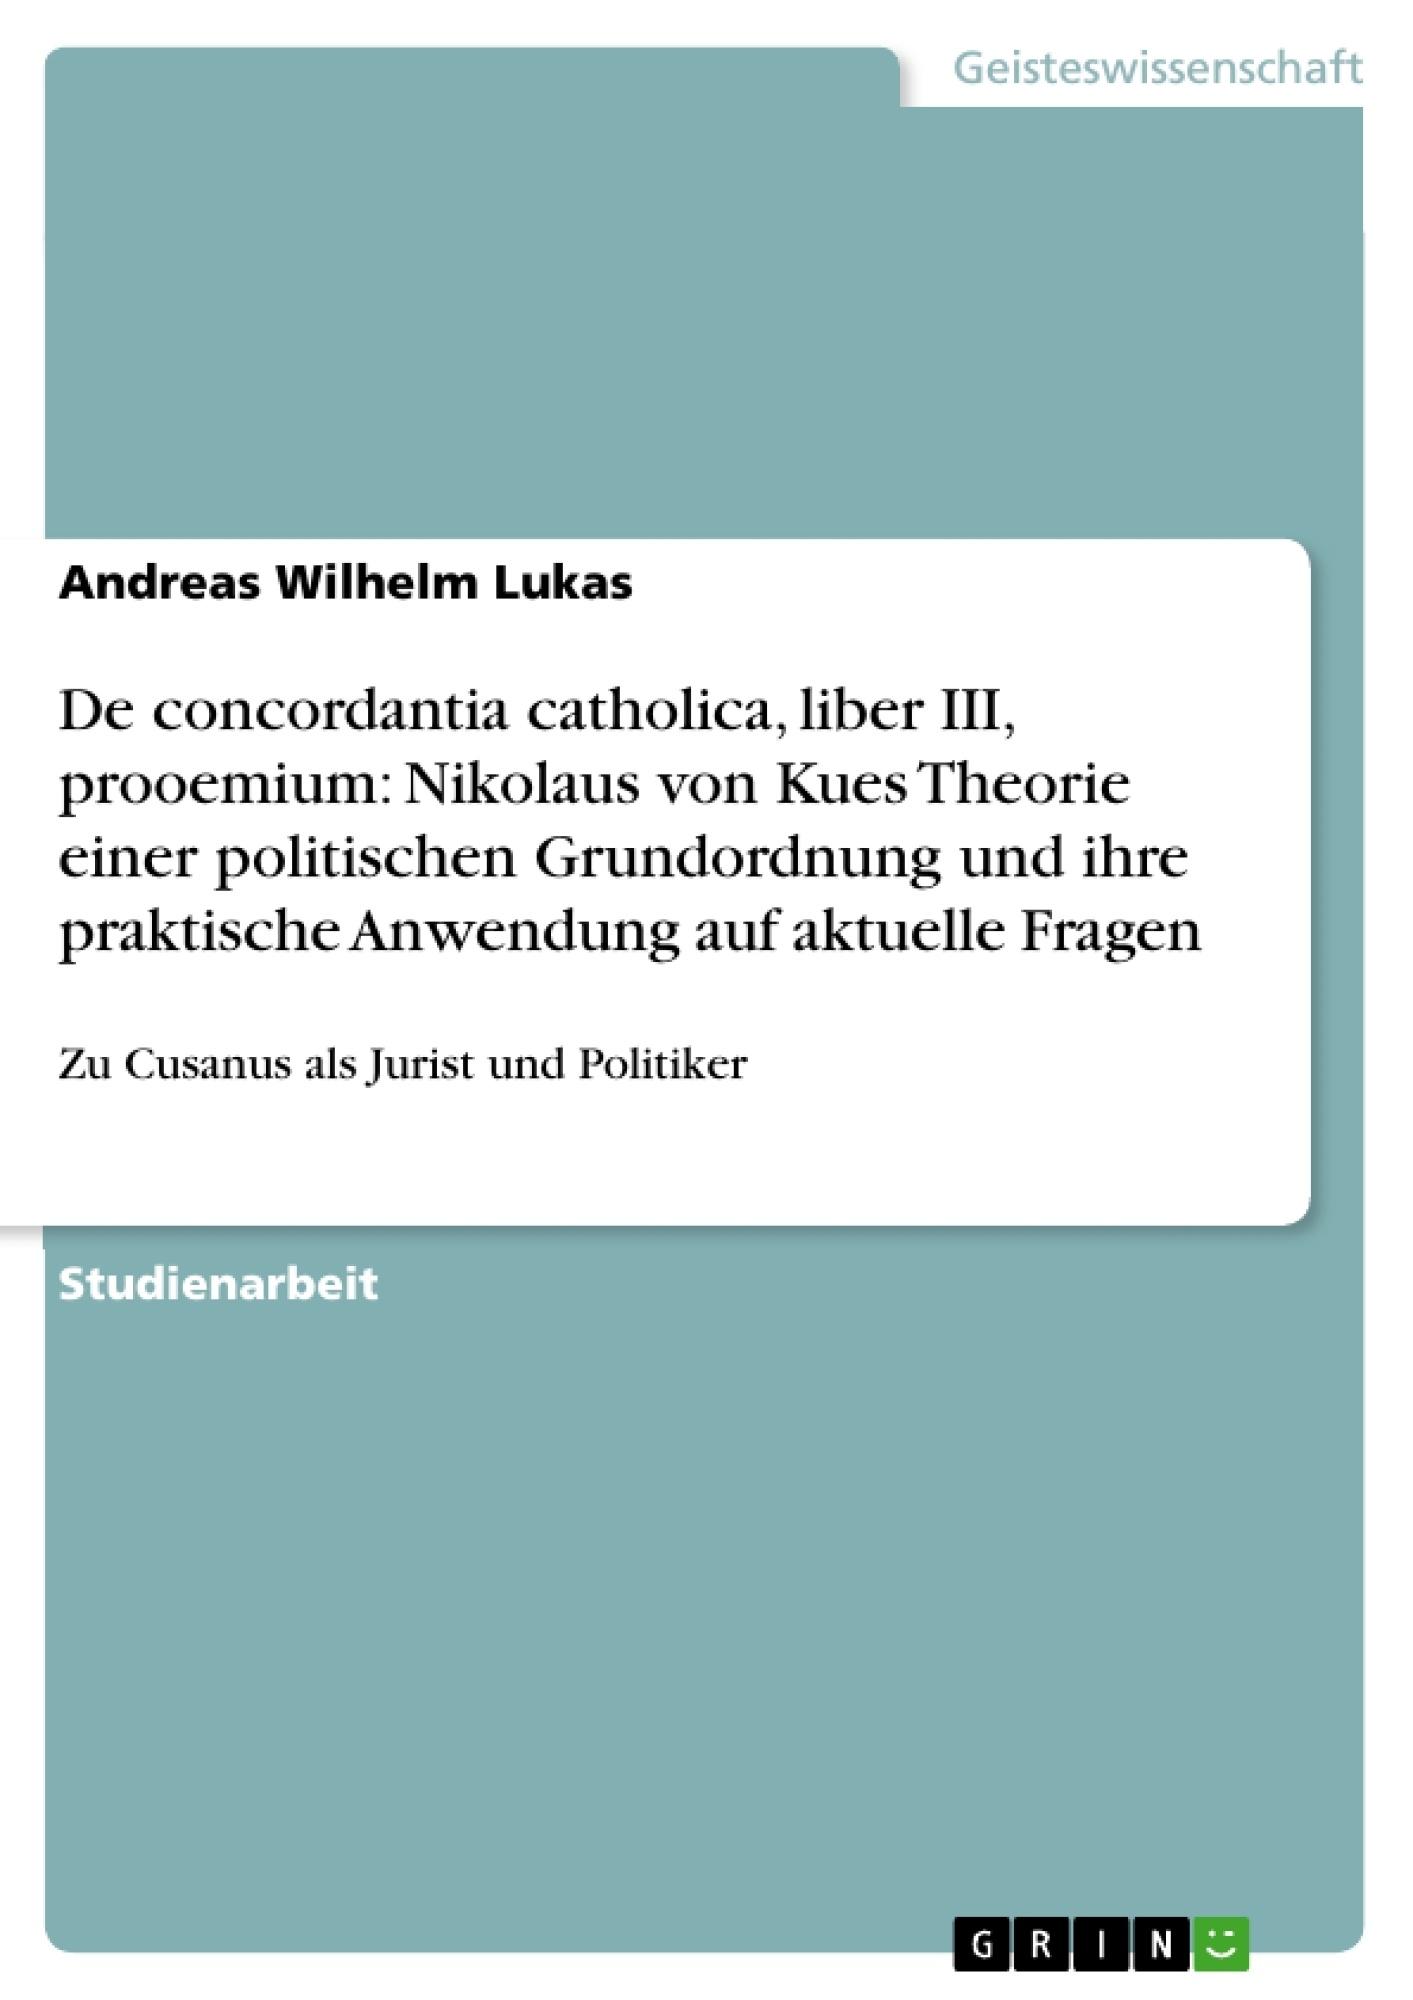 Titel: De concordantia catholica, liber III, prooemium: Nikolaus von Kues Theorie einer politischen Grundordnung und ihre praktische Anwendung auf aktuelle Fragen